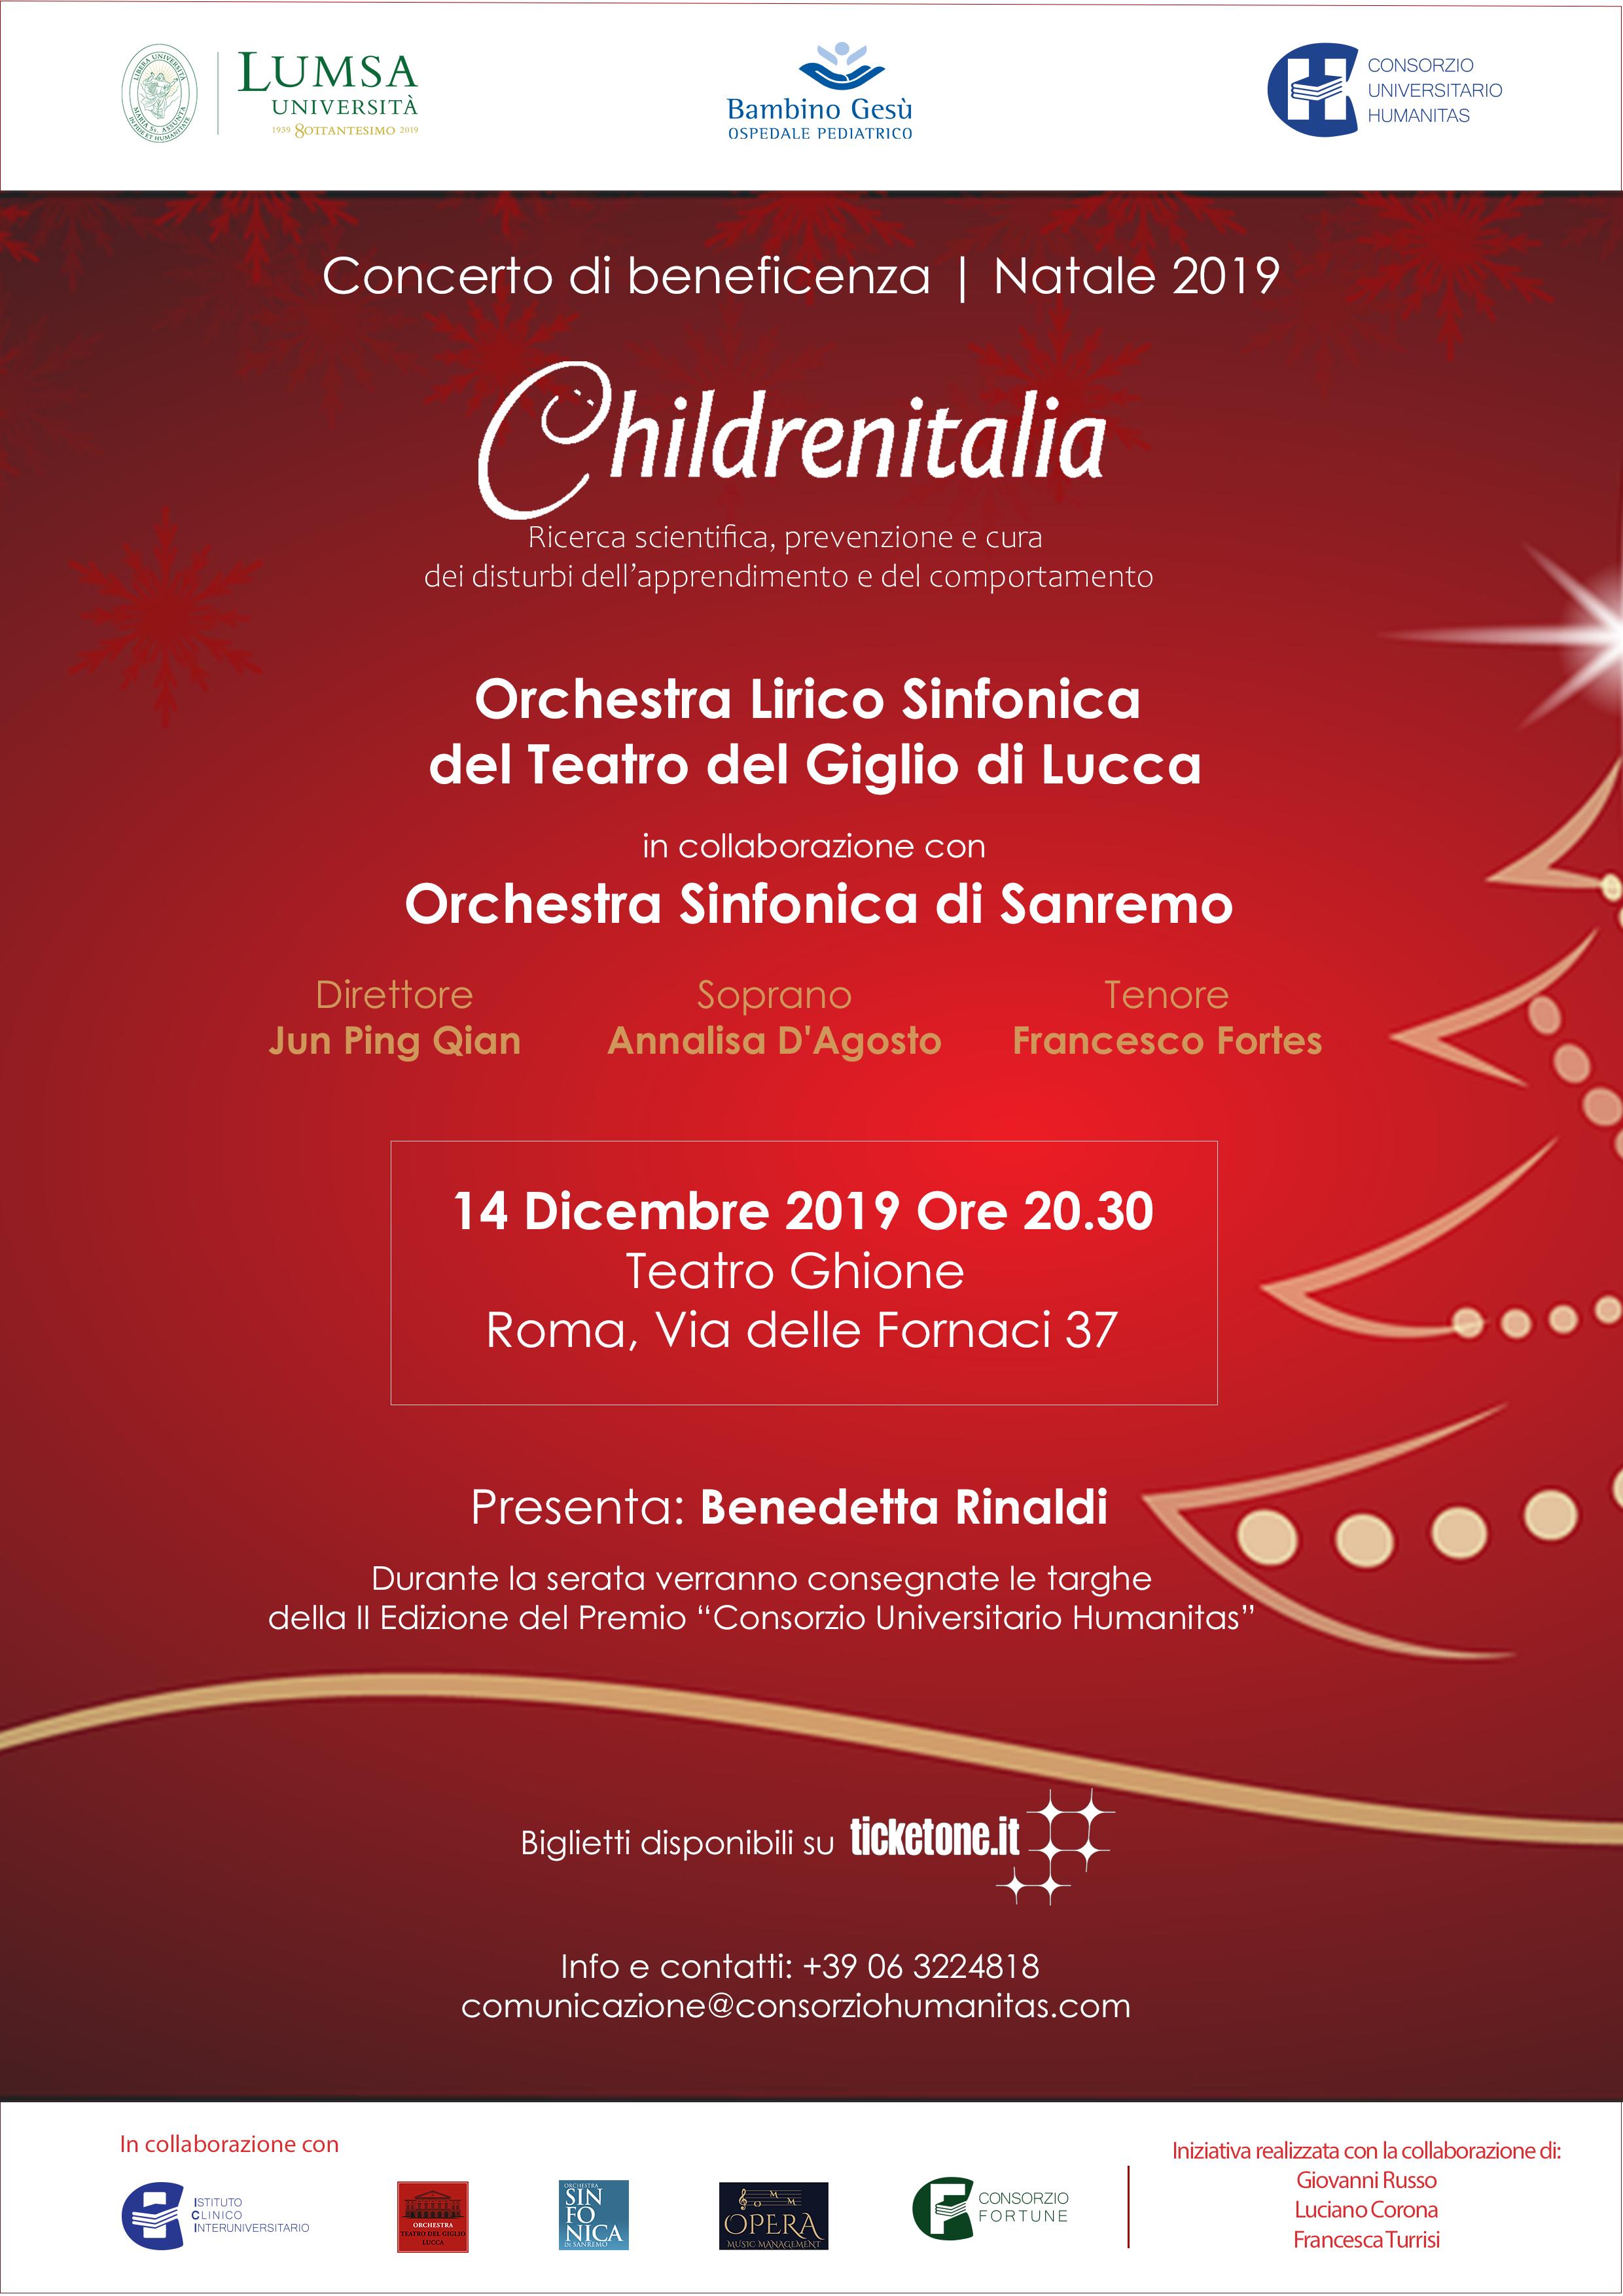 Locandina_Concerto di Natale 2019_Childrenitalia